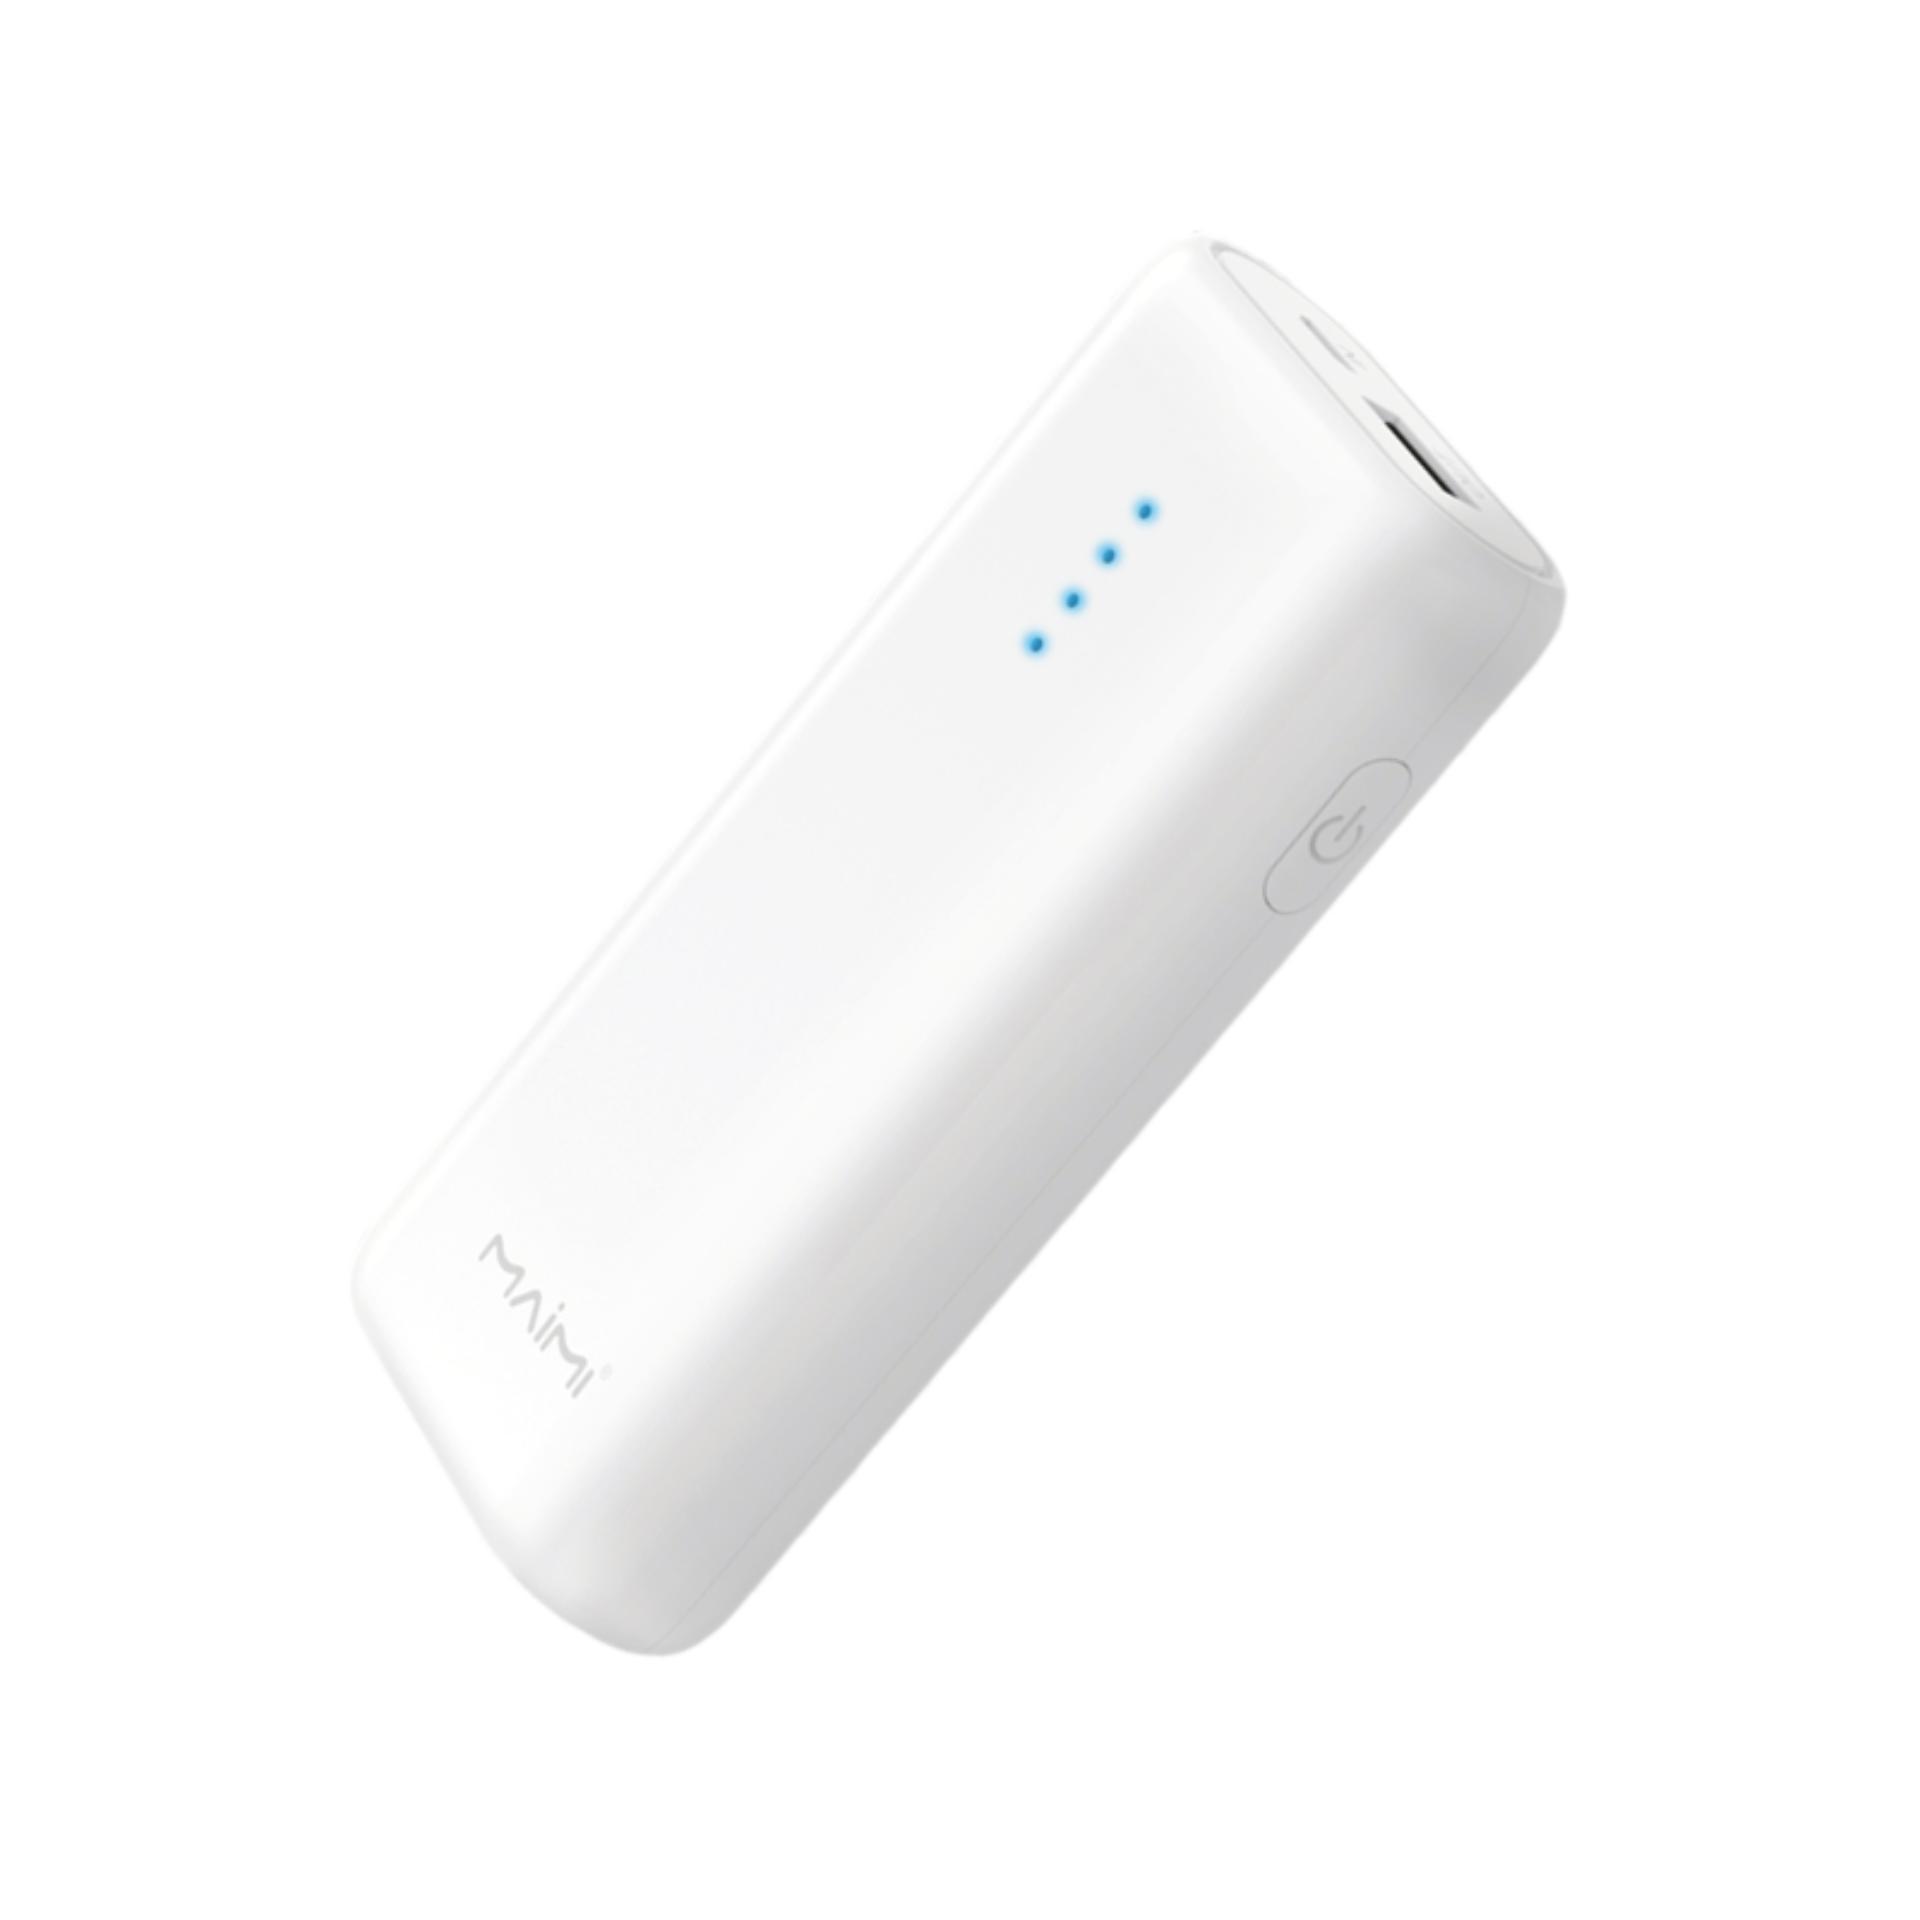 Giá Maimi P24 Pin Sạc Dự Phòng Dung Lượng 5200mAh Đèn Led Báo Dung Lượng Pin Sạc Nhanh 2.1A 1 Cổng USB đầu ra, Đầu vào - Micro